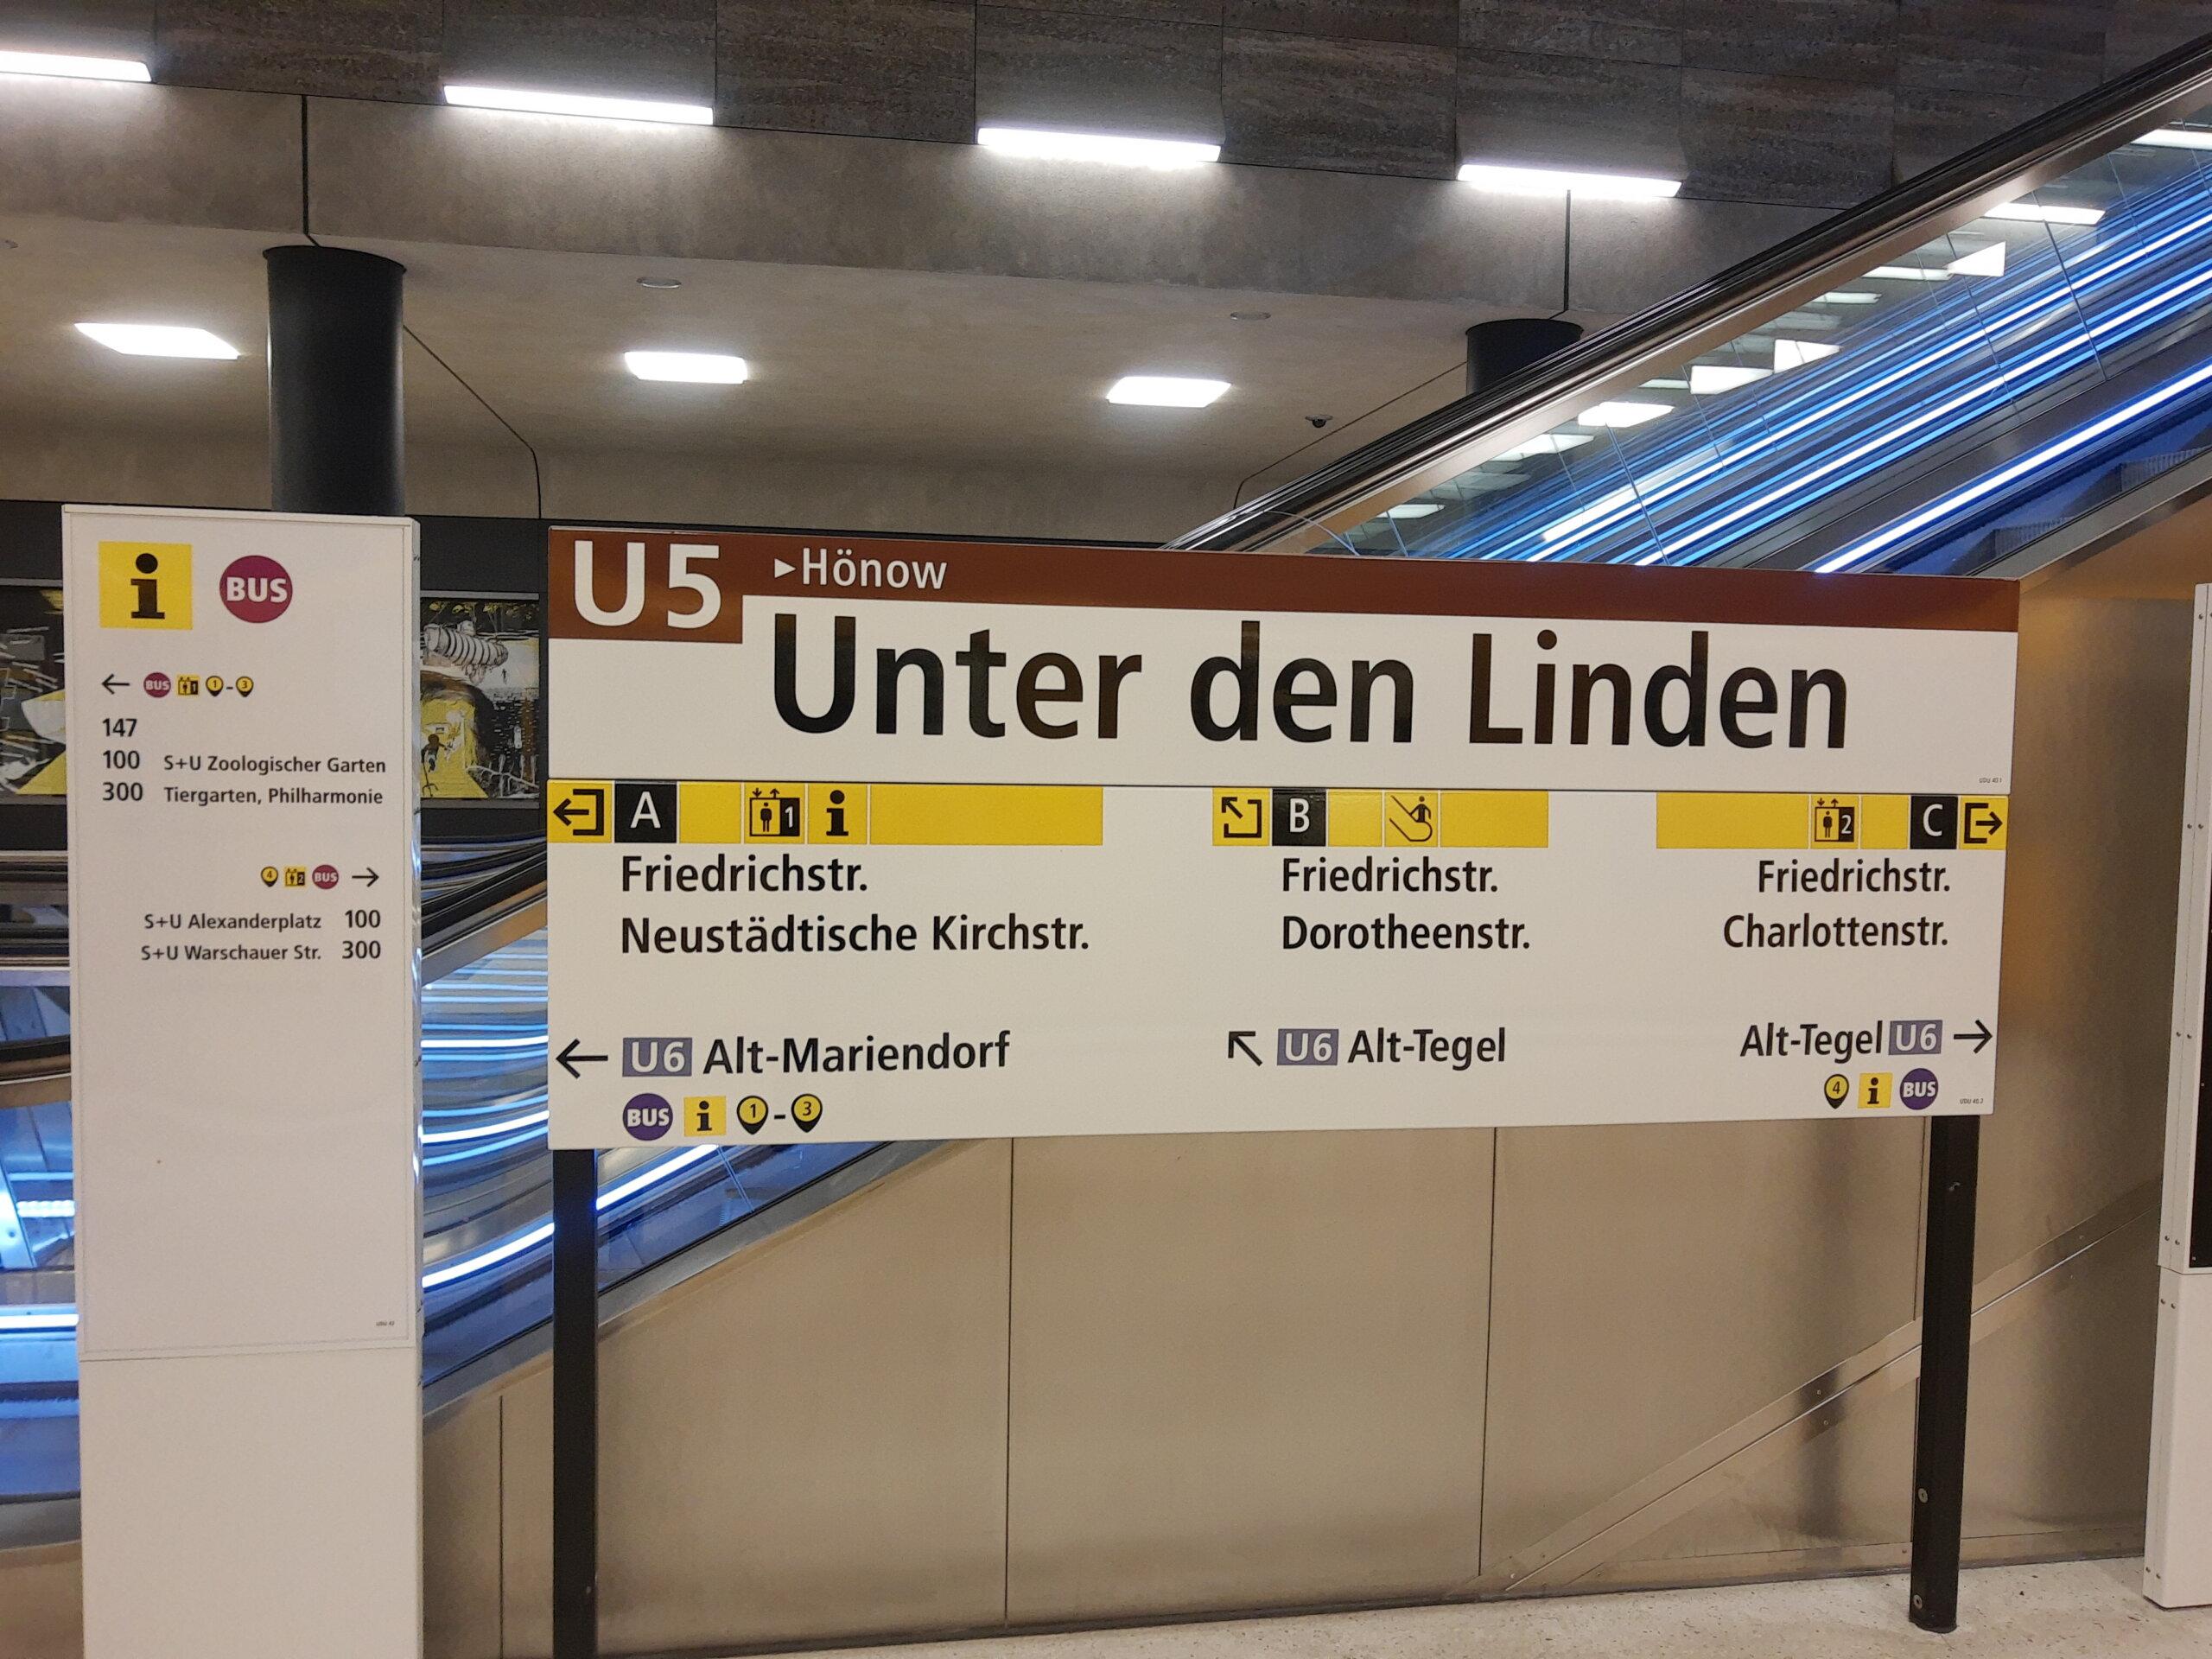 Unter den Linden U5 Anzeige